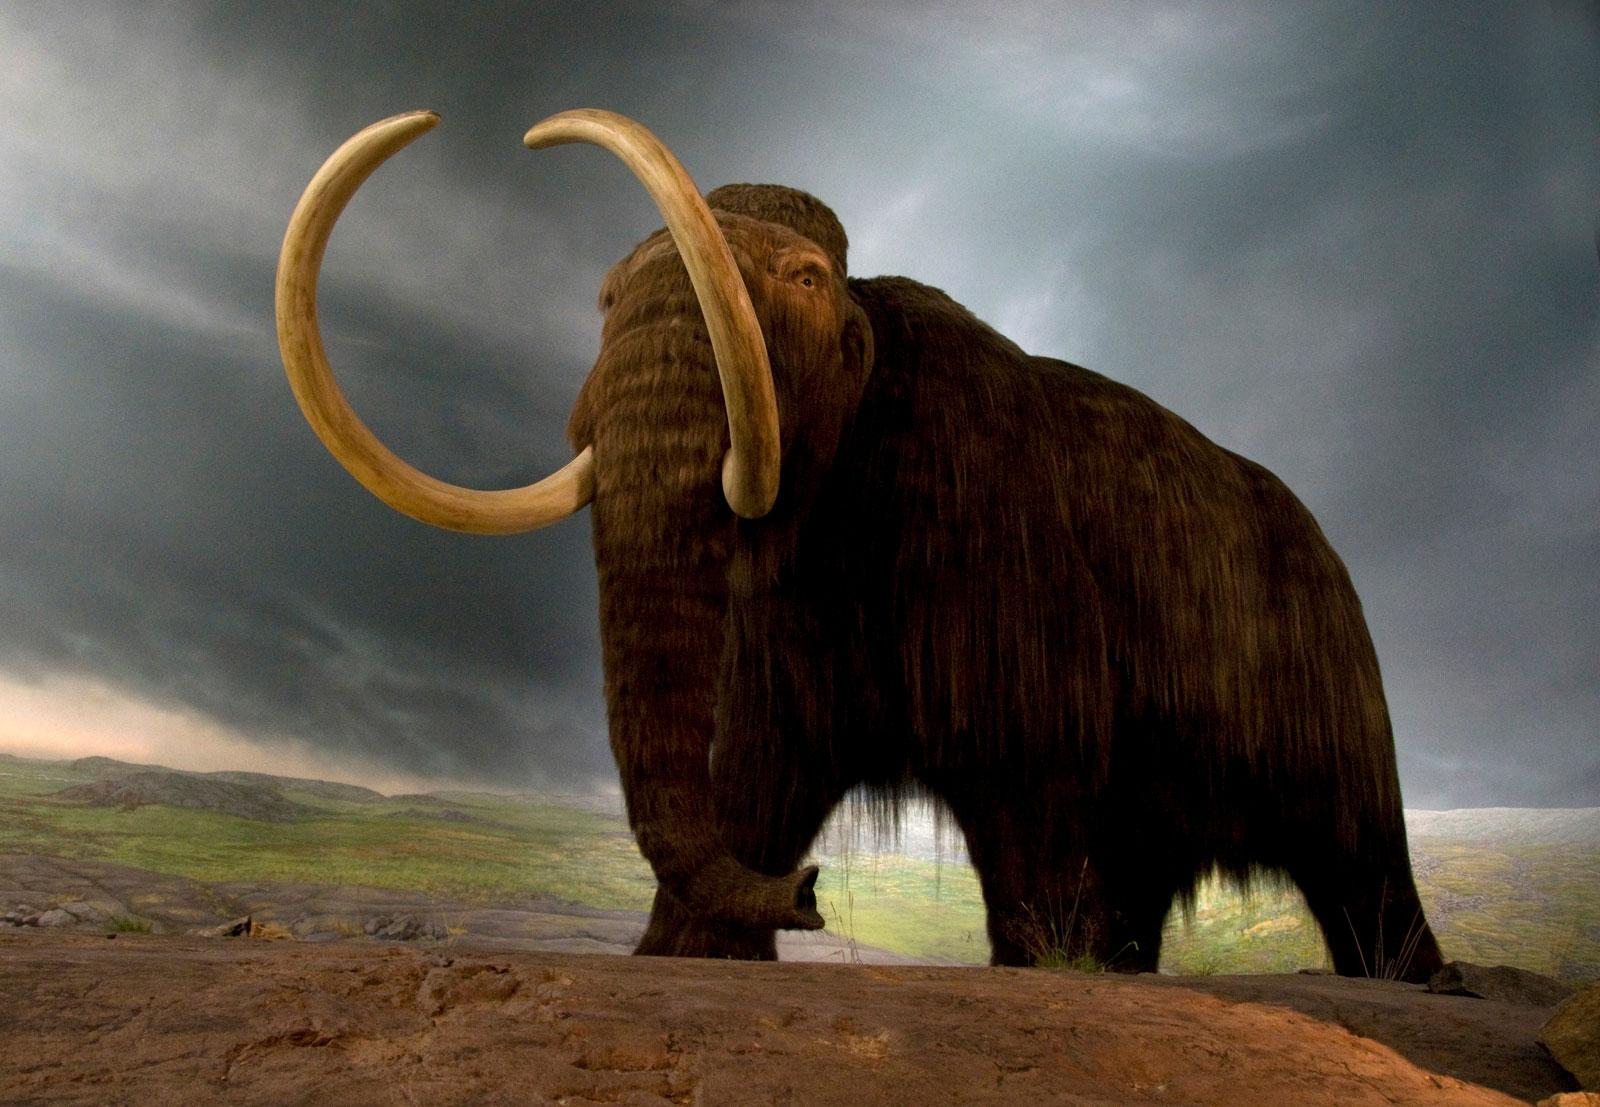 example-museum-replica-species-Canadian-de-extinction.jpg